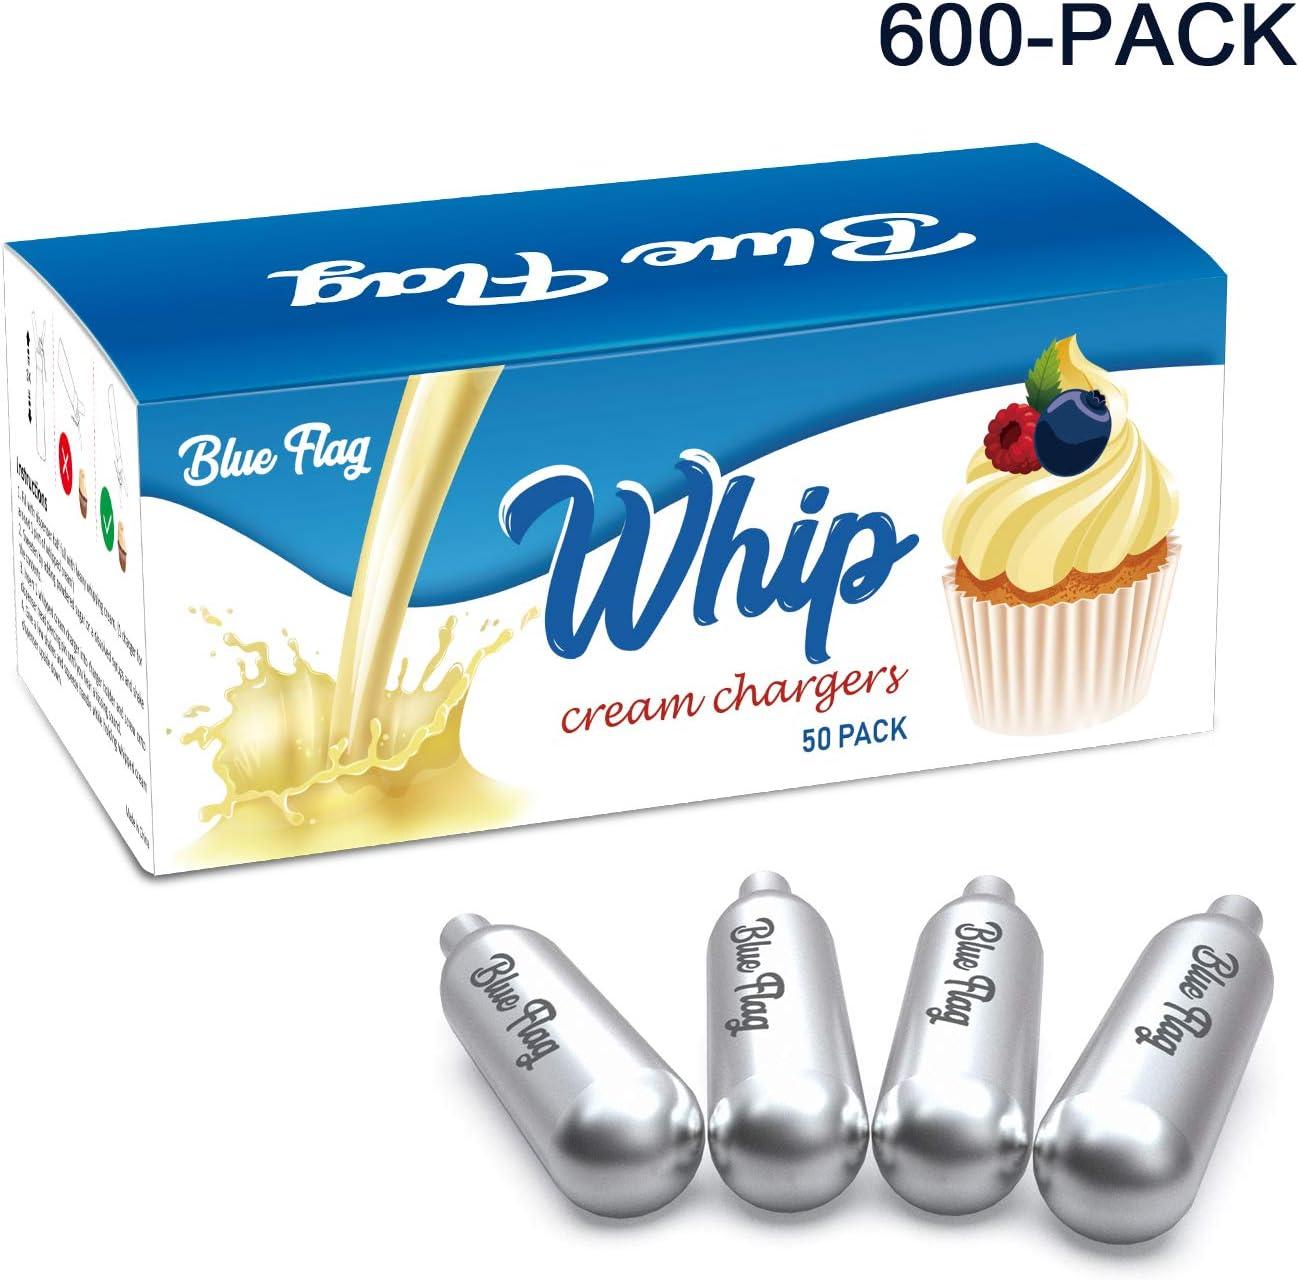 50 Pack BLUE FLAG Whipped Cream Chargers N2O Nitrous Oxide 8-Gram Cartridge for Whipper Whipped Cream Dispenser